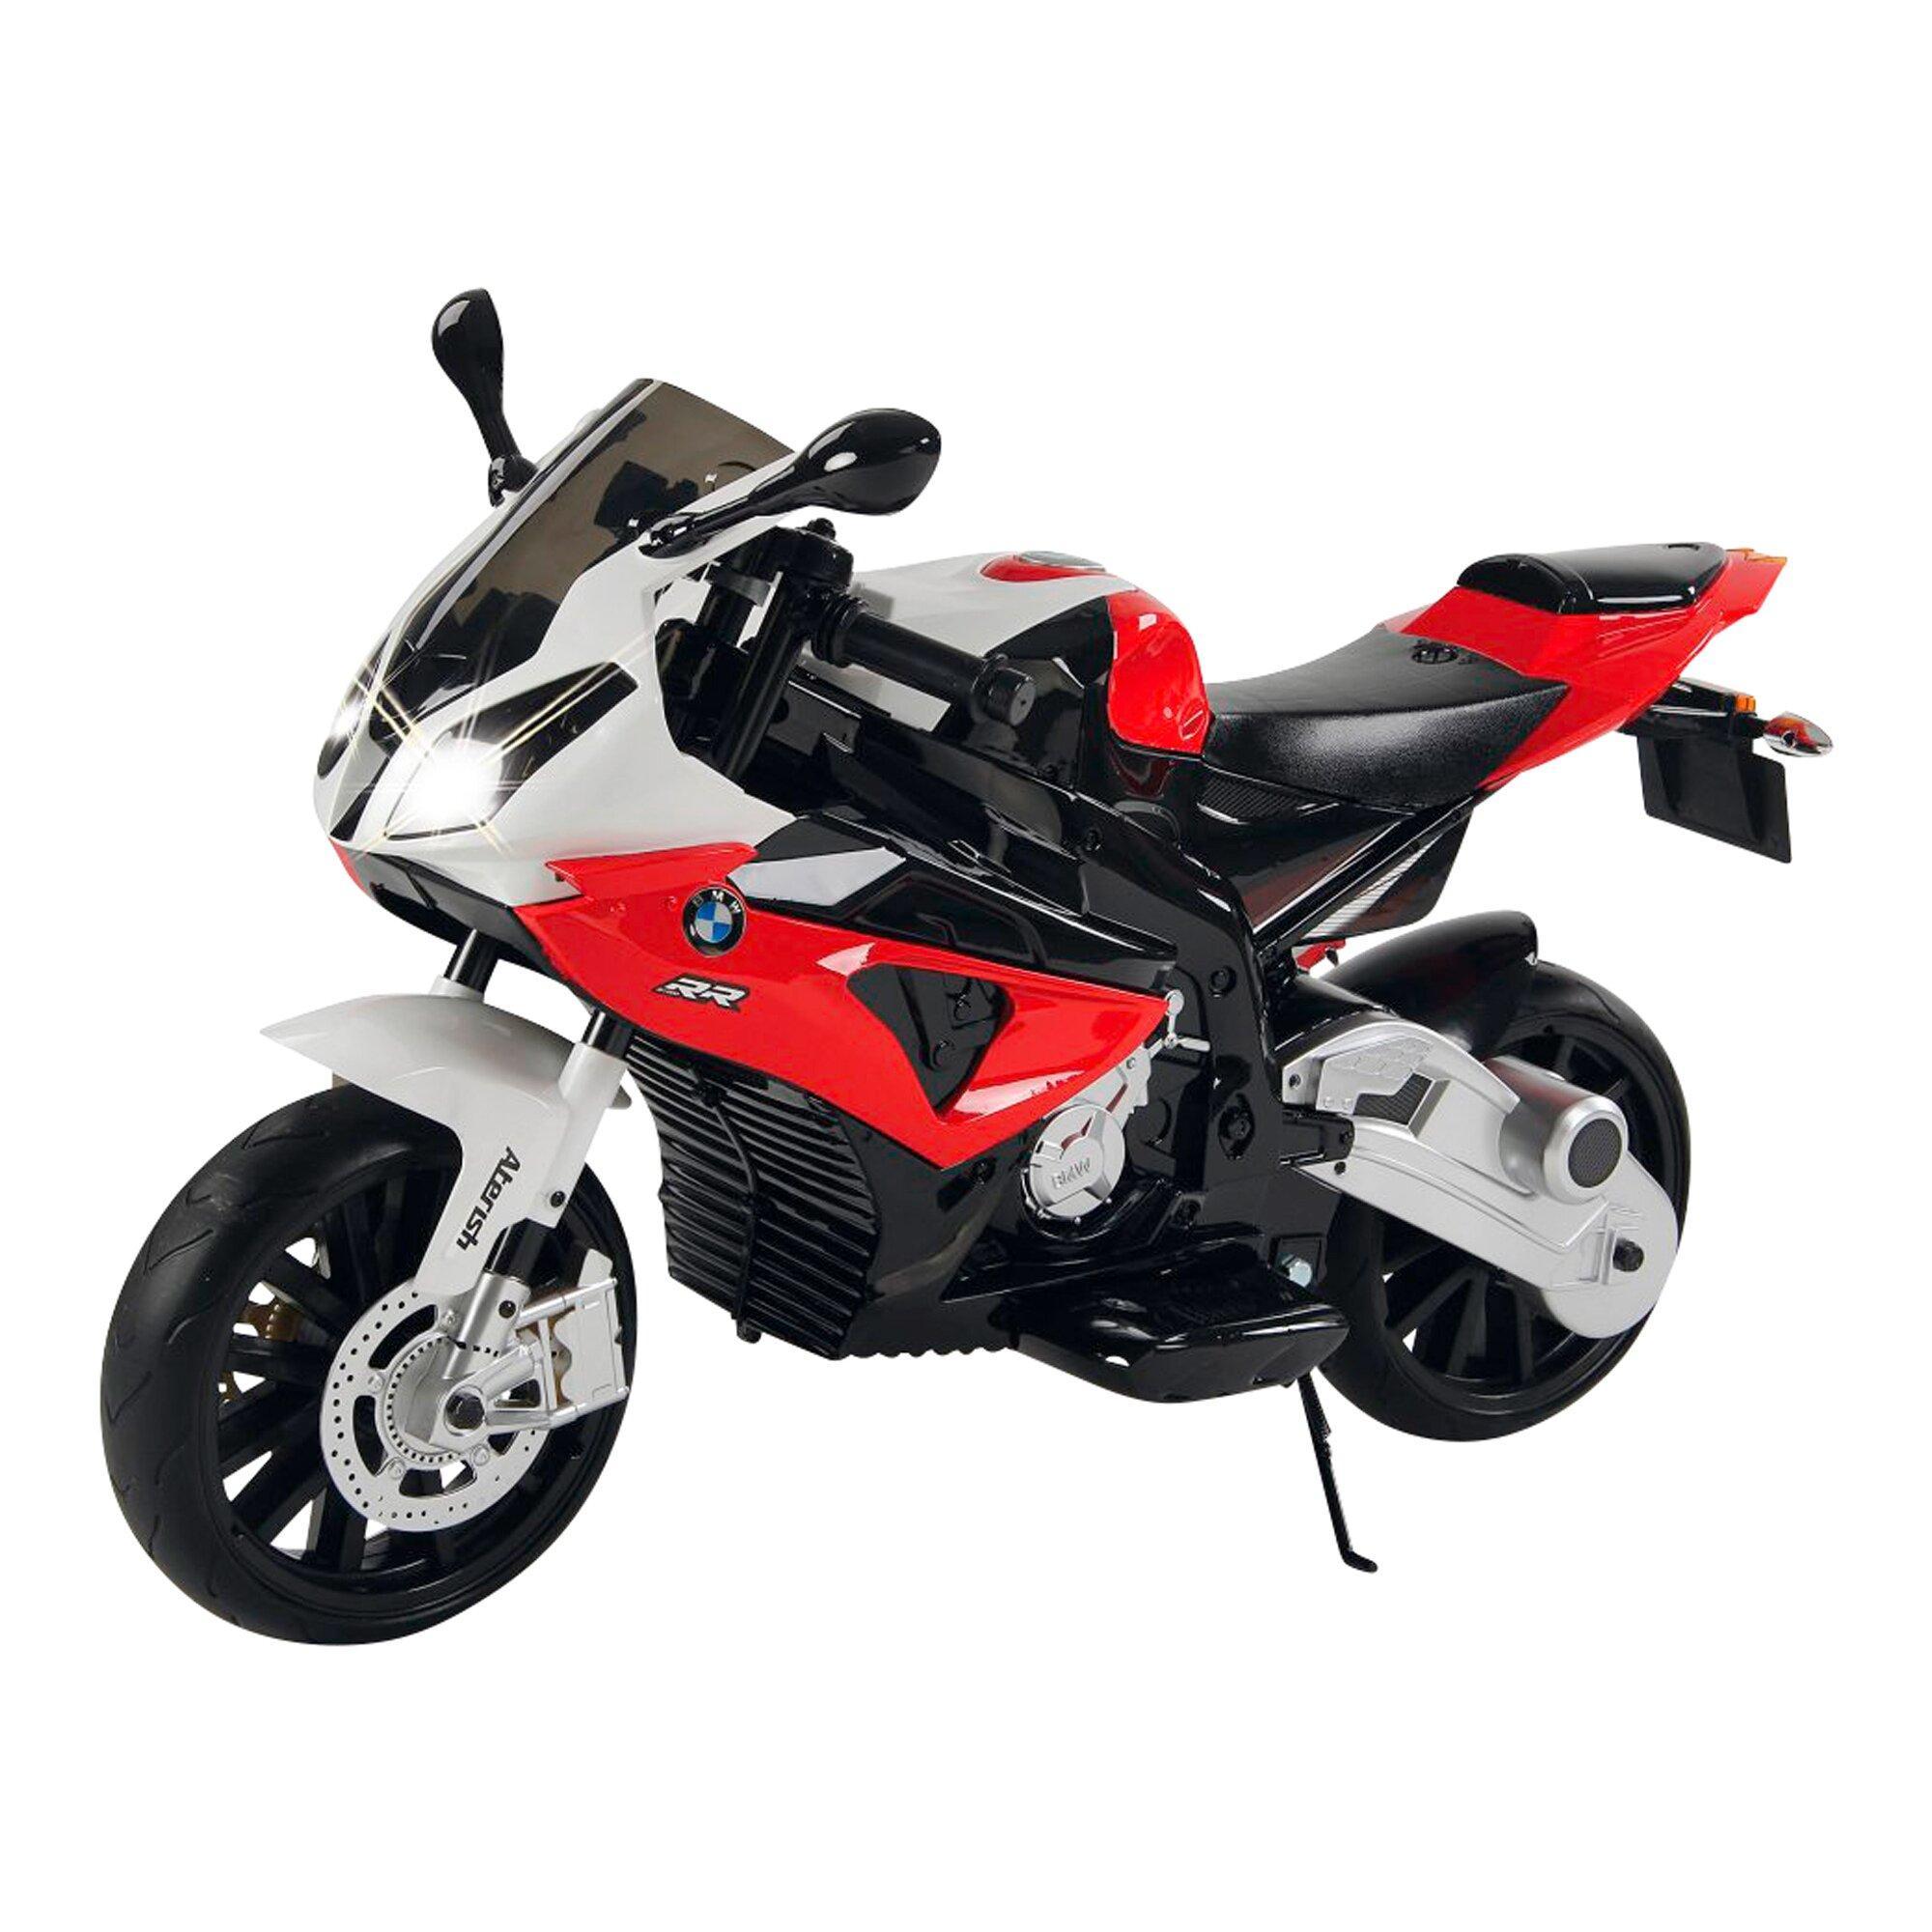 Fahrzeug Ride-on Motorrad BMW S1000RR 12V